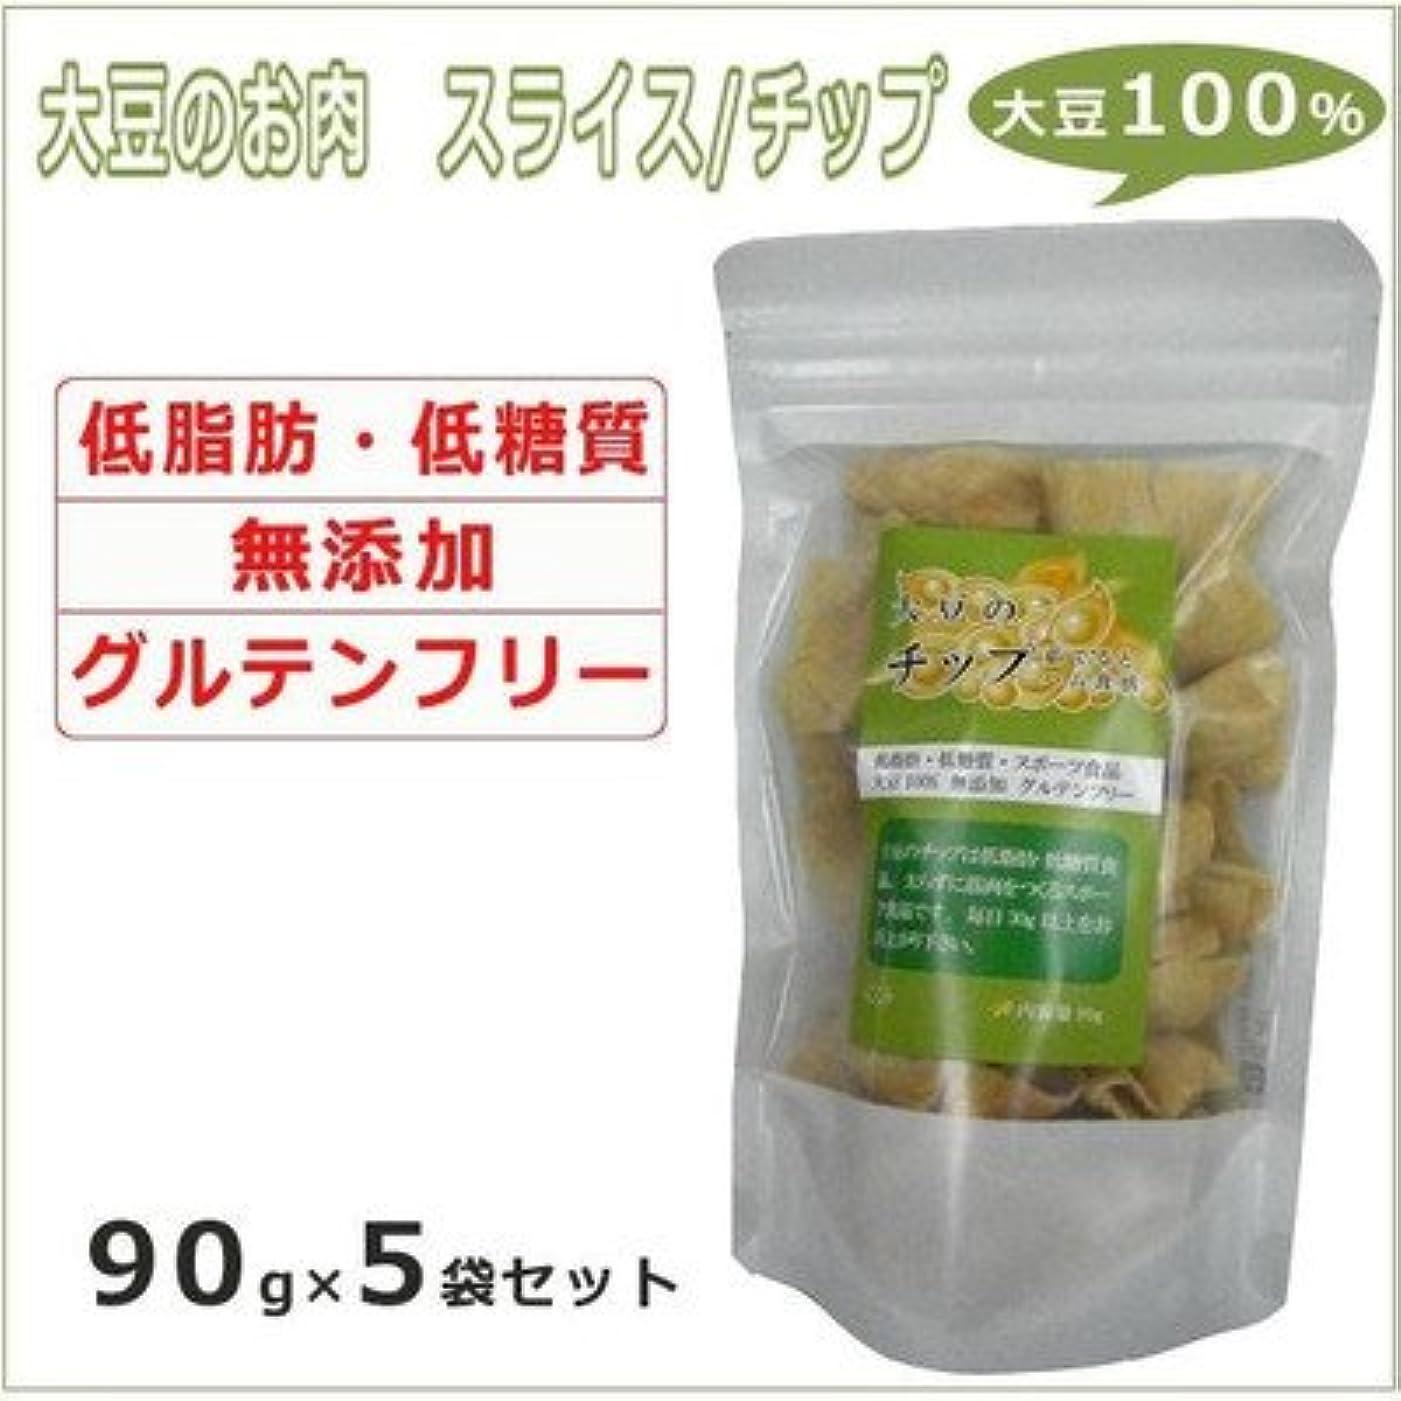 薄汚い運賃感動する大豆のお肉 ソイミート スライス/チップ 90g×5袋